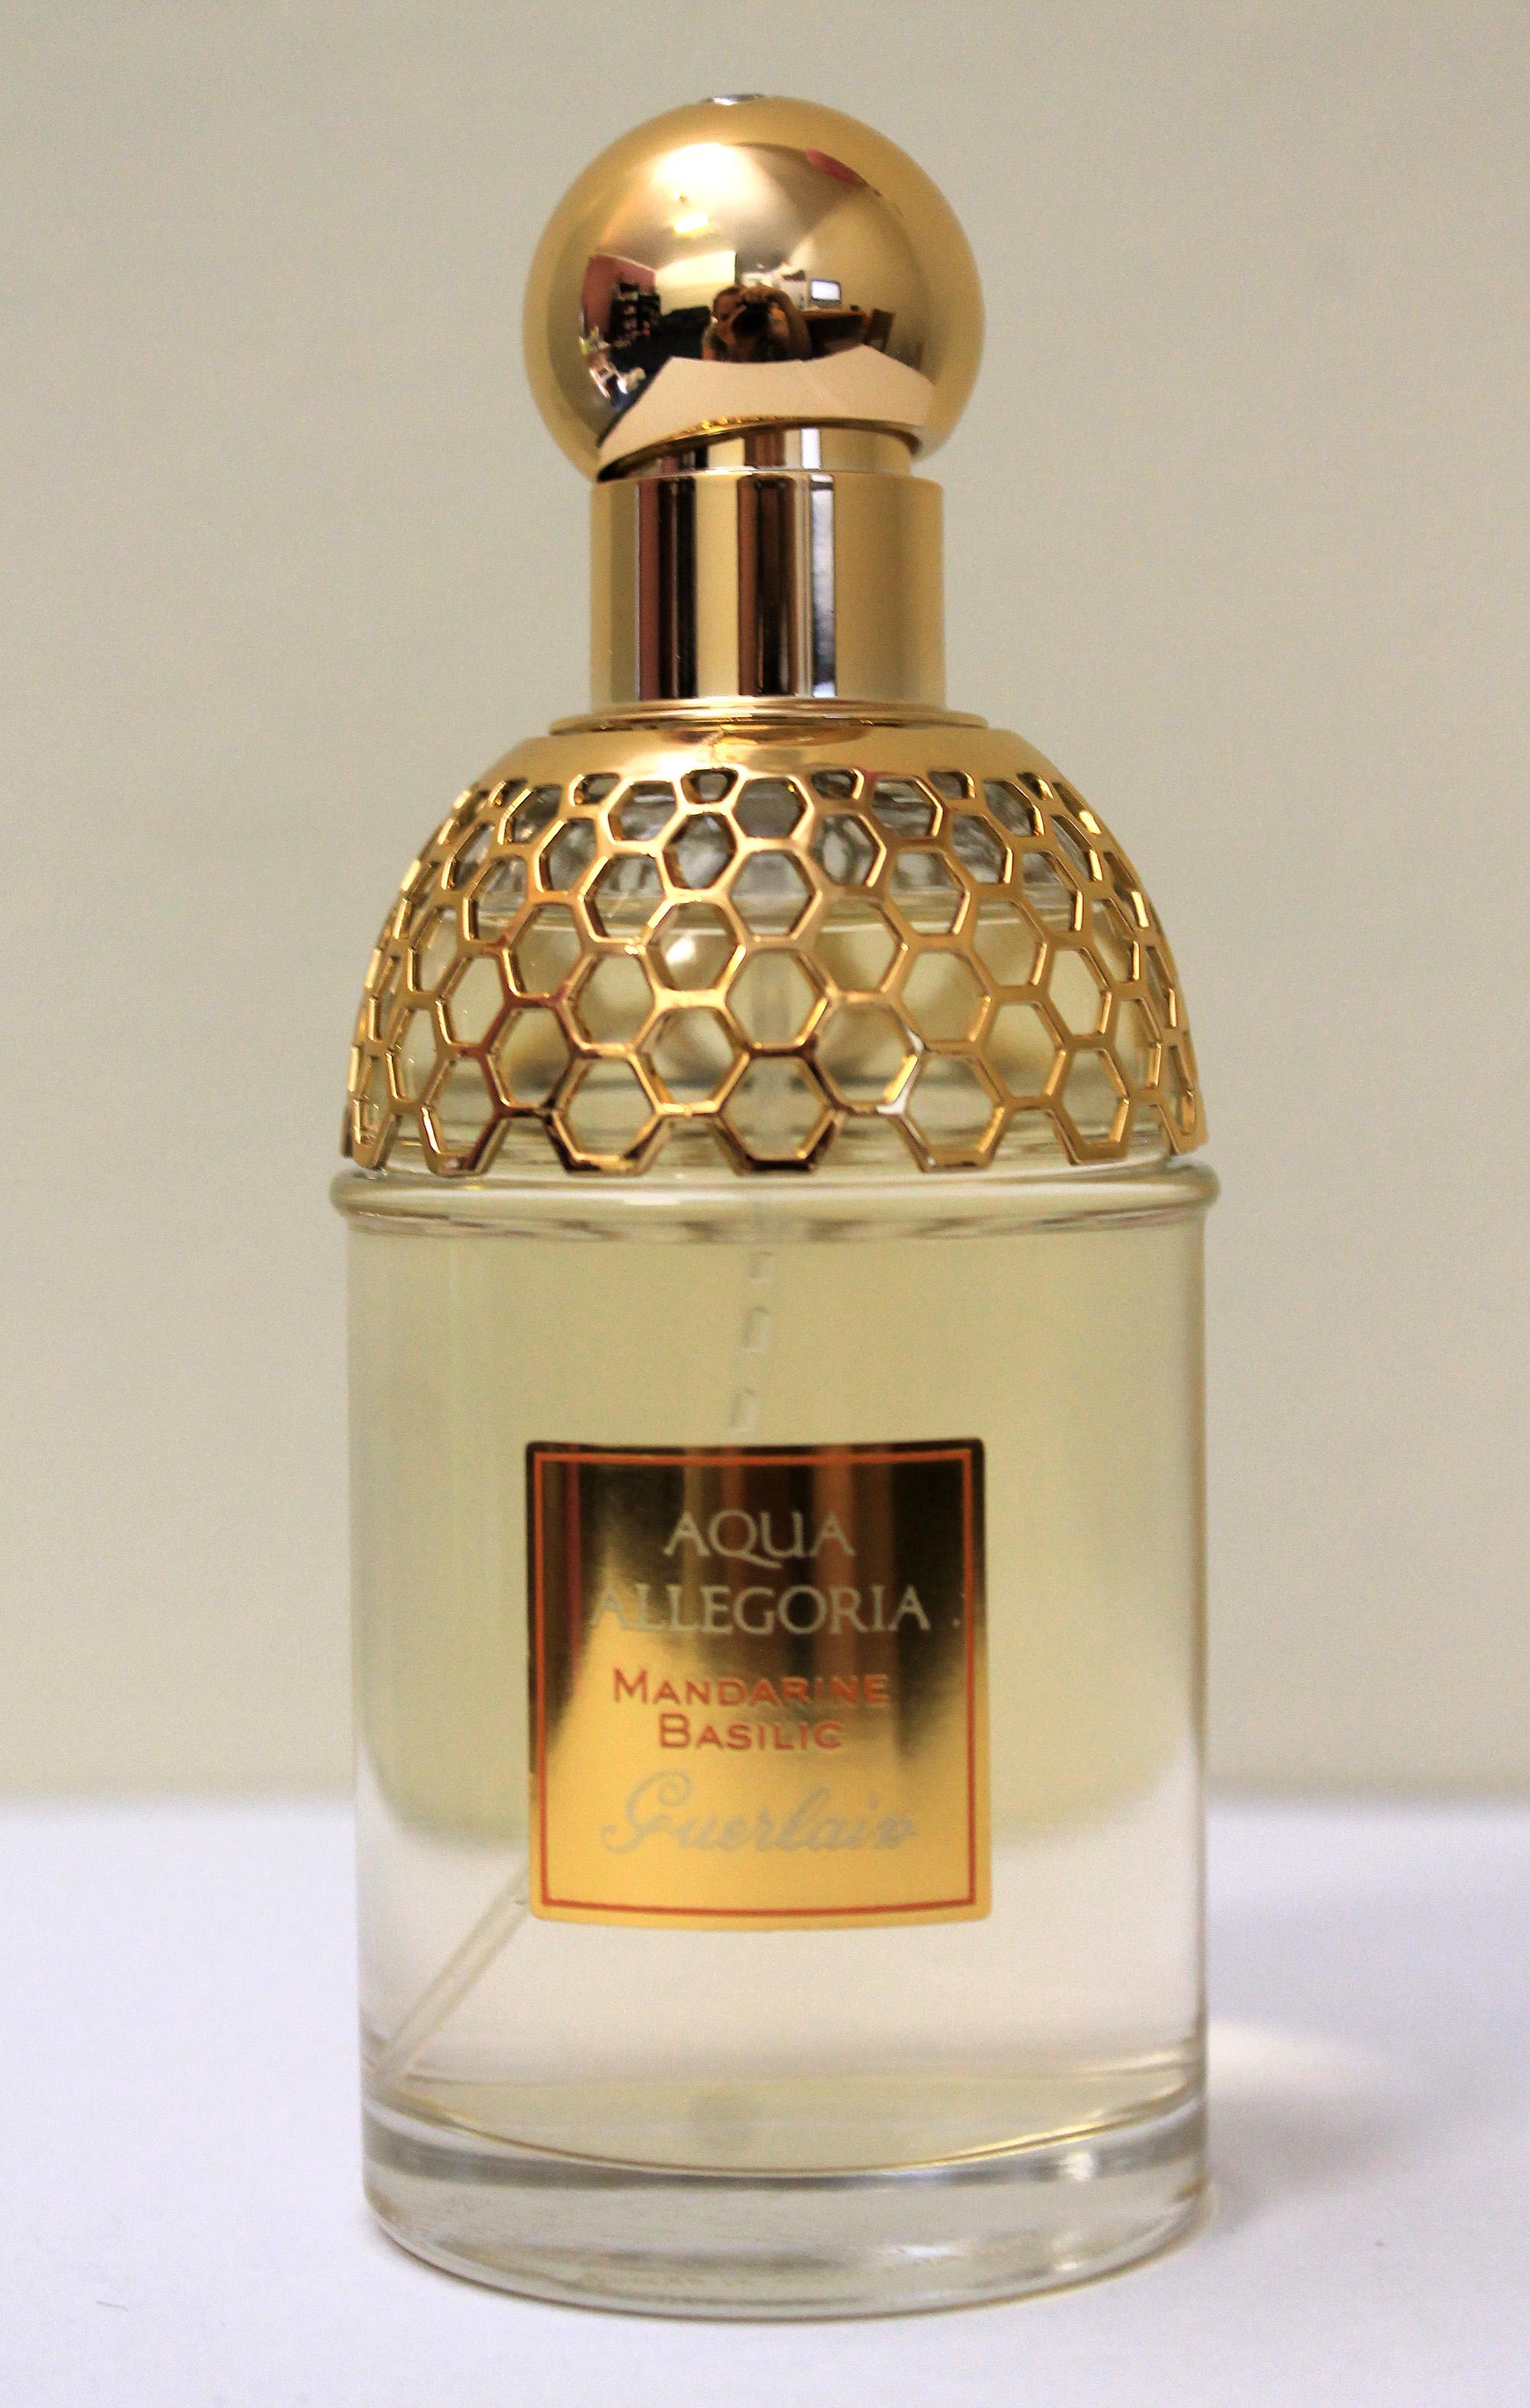 """Guerlain """"aqua ReviewBeauty Basilic"""" AllegoriaMandarine Perfume CBxdoe"""